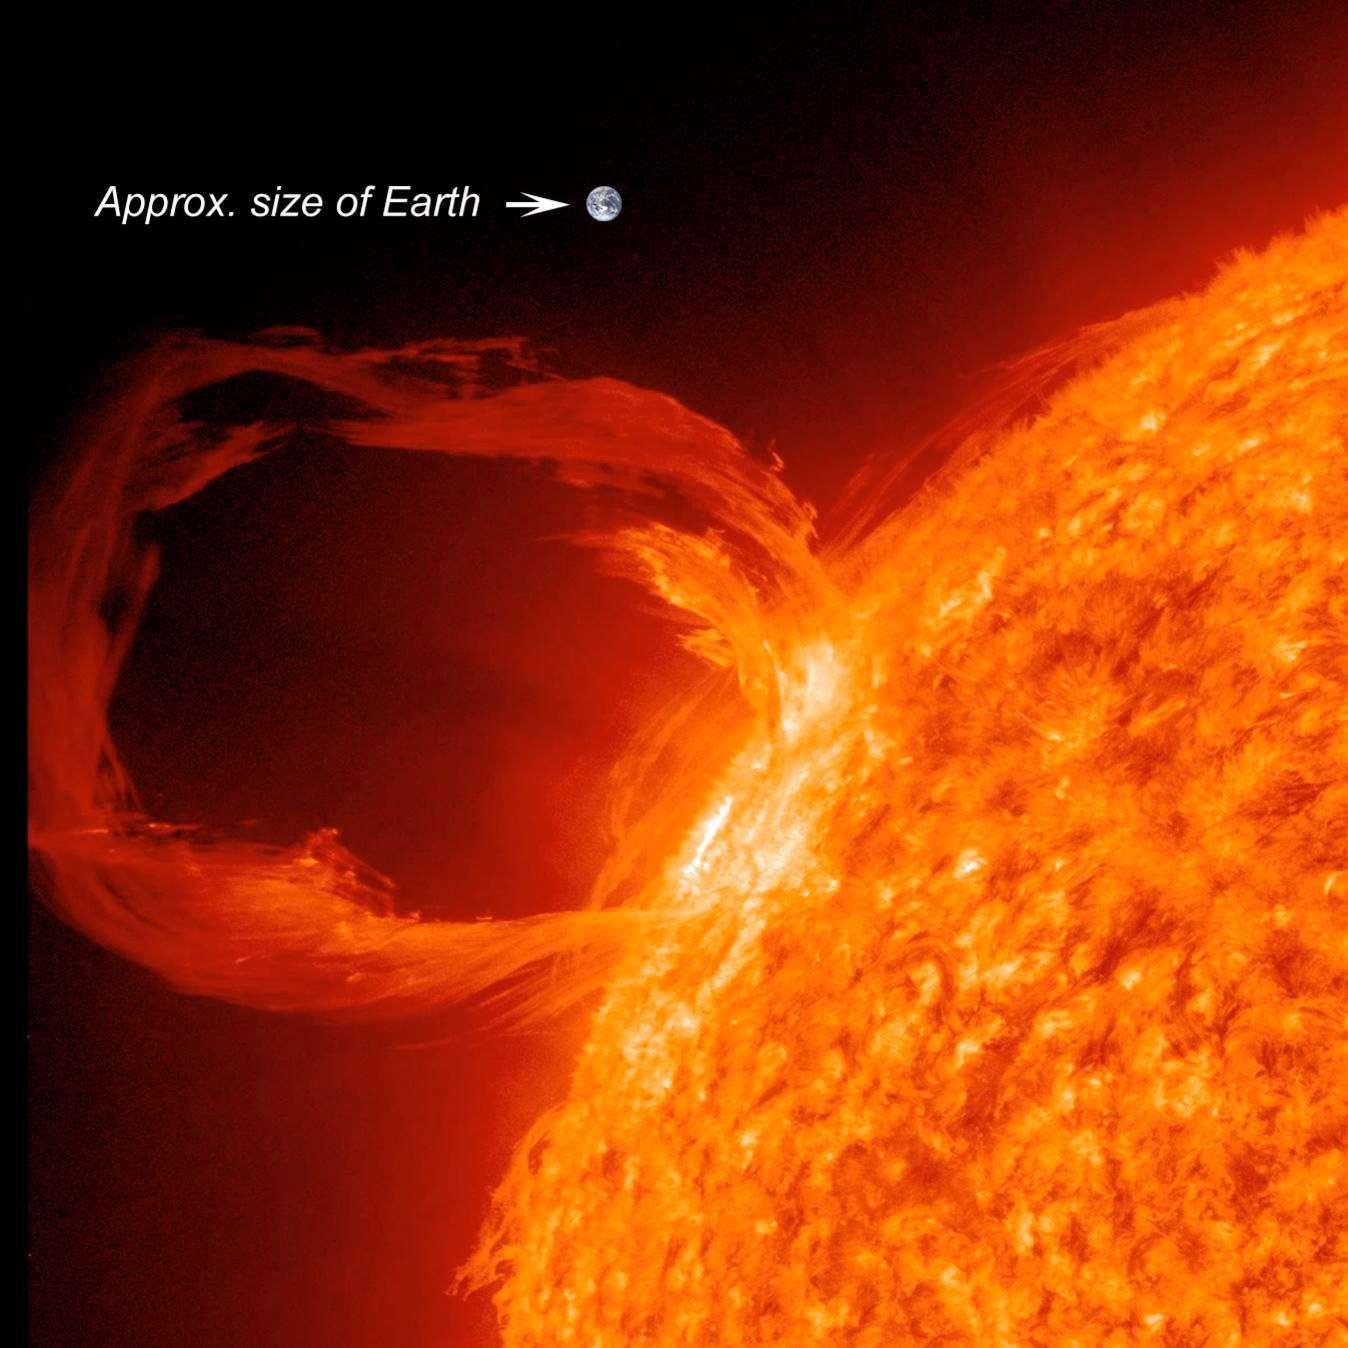 L'activité solaire, qui se traduit par une variété de phénomènes énergétiques variant de façon cyclique, en fréquence et en intensité, comme le montre cette spectaculaire éruption solaire survenue en mars 2012, rend nécessaire la mise au point de systèmes de prédiction en raison du risque qu'elle fait peser sur bon nombre d'activités spatiales ou terrestres. © SDO Science Team, Nasa